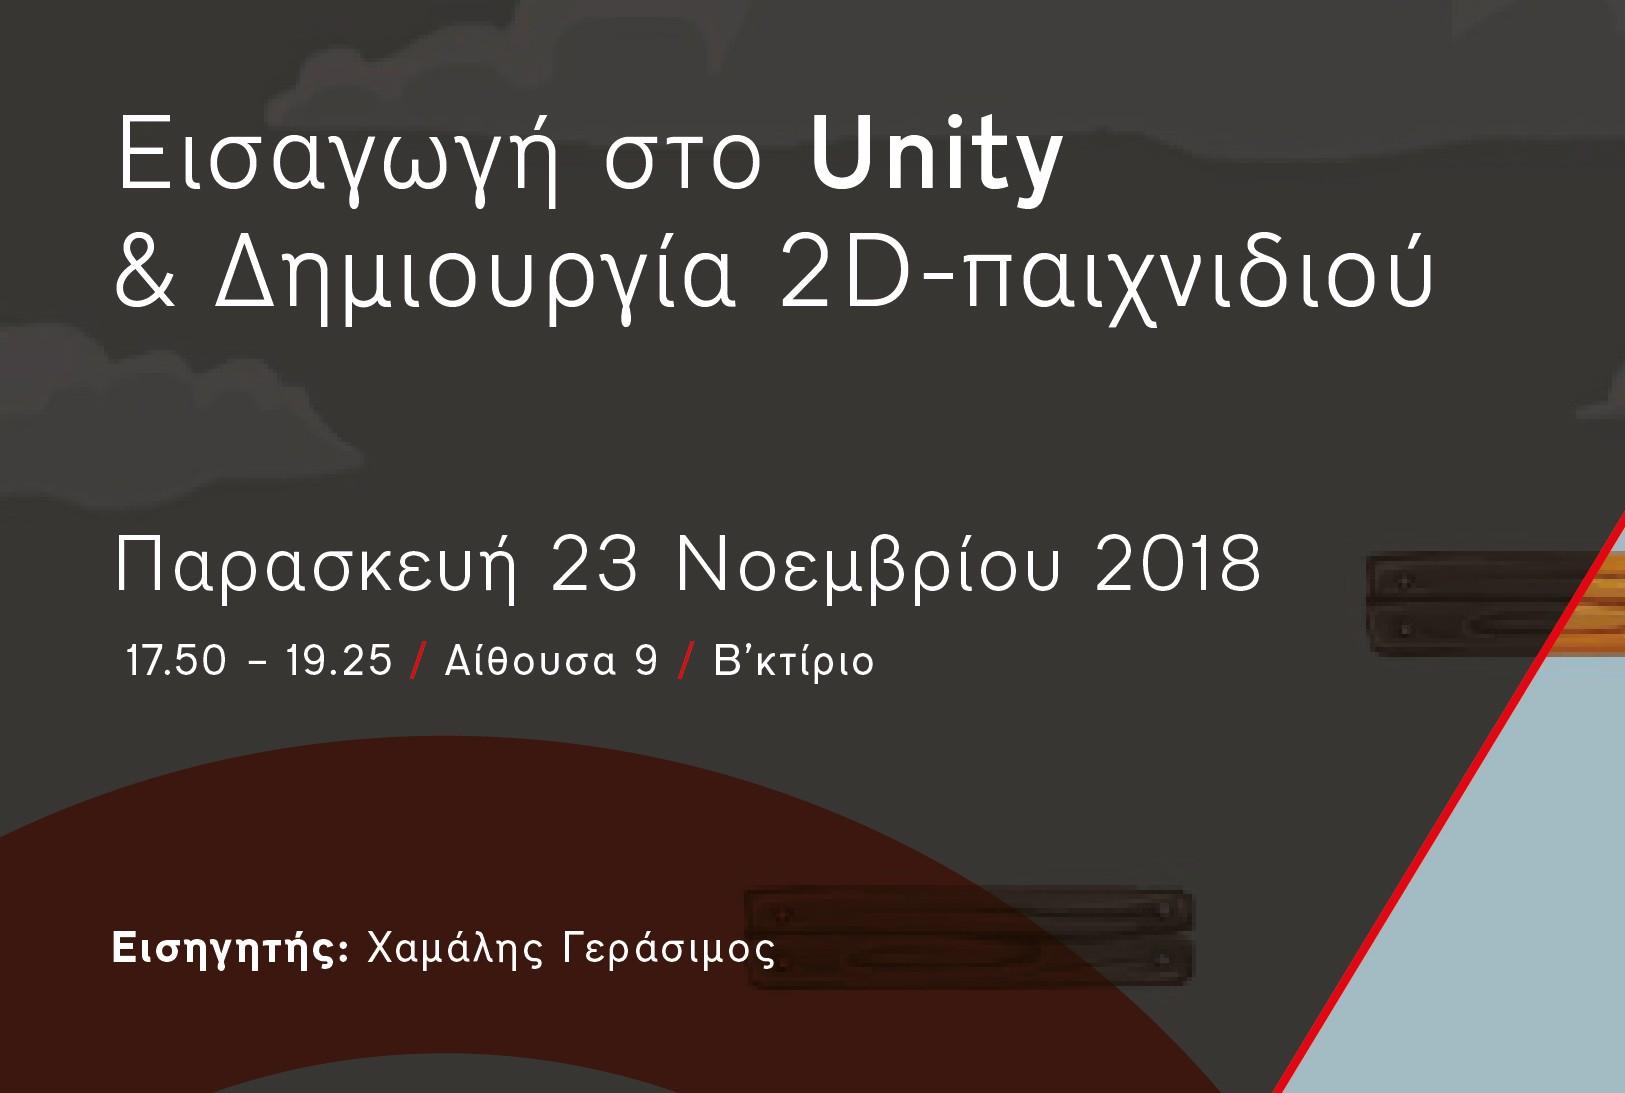 Σεμινάριο | Εισαγωγή στο Unity & Δημιουργία 2D παιχνιδιού